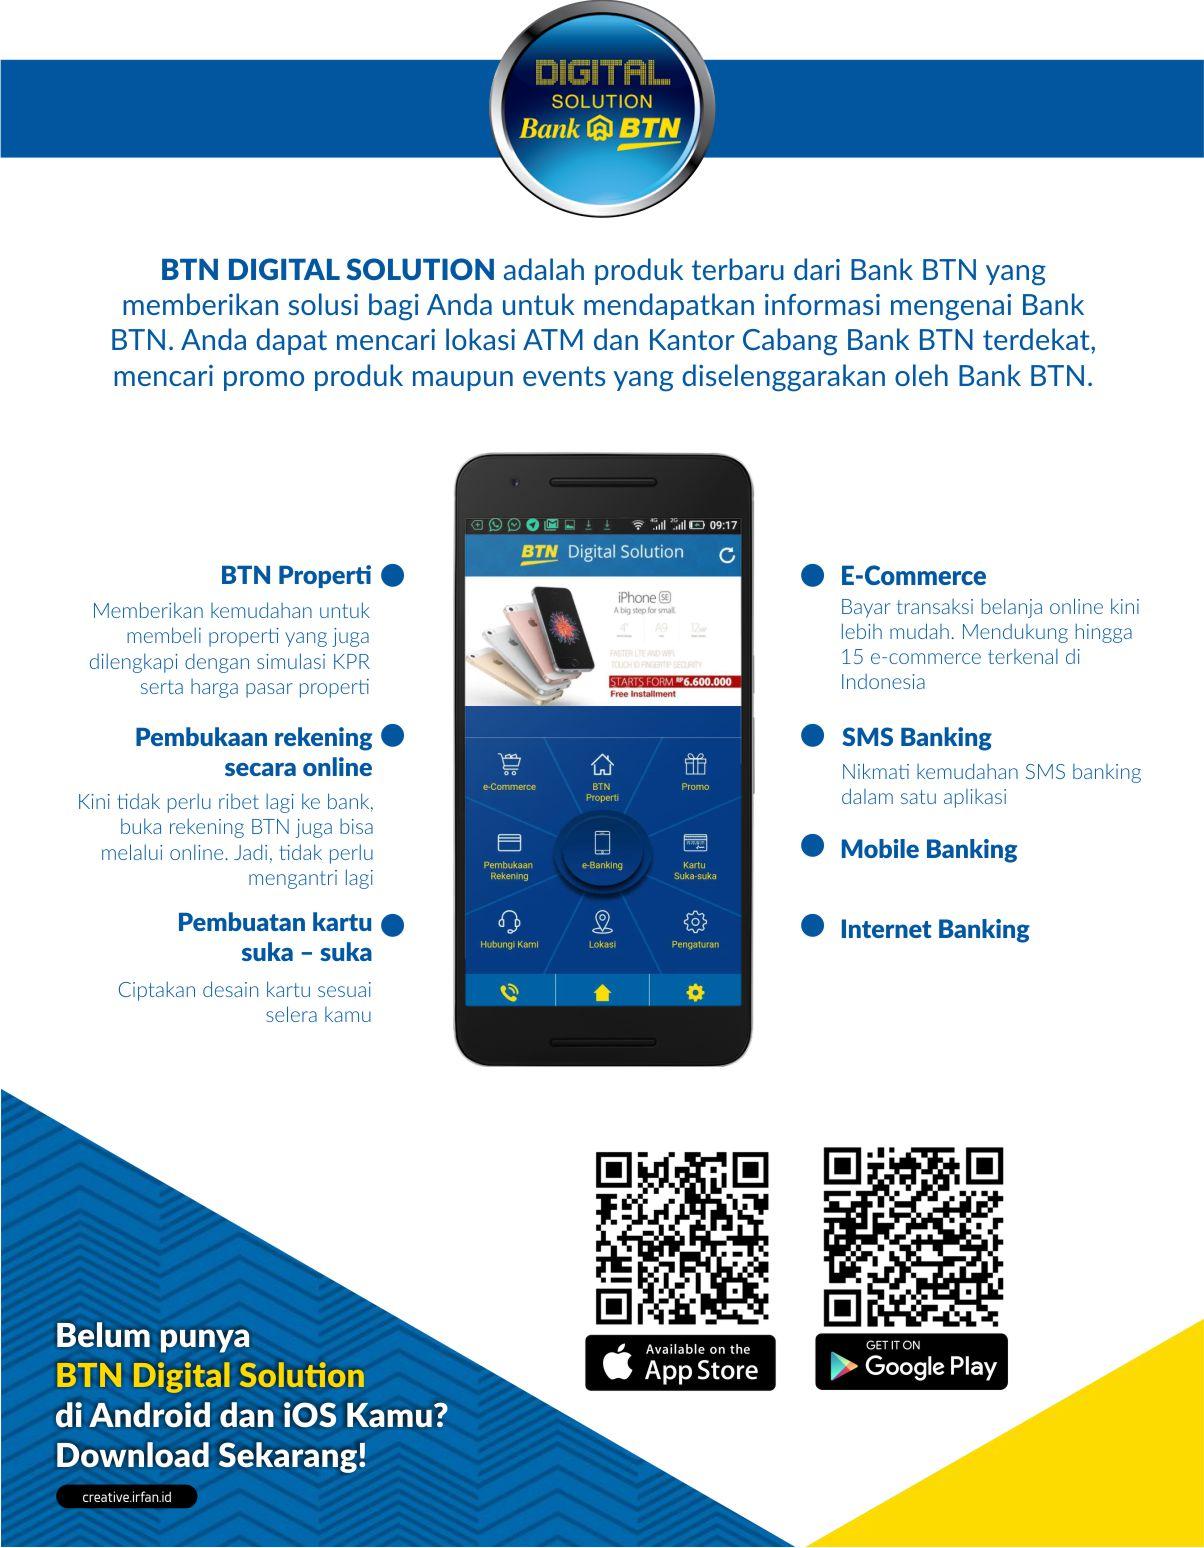 BTN Digital Solution, Kemudahan Transaksi Apapun Dalam Genggaman 21